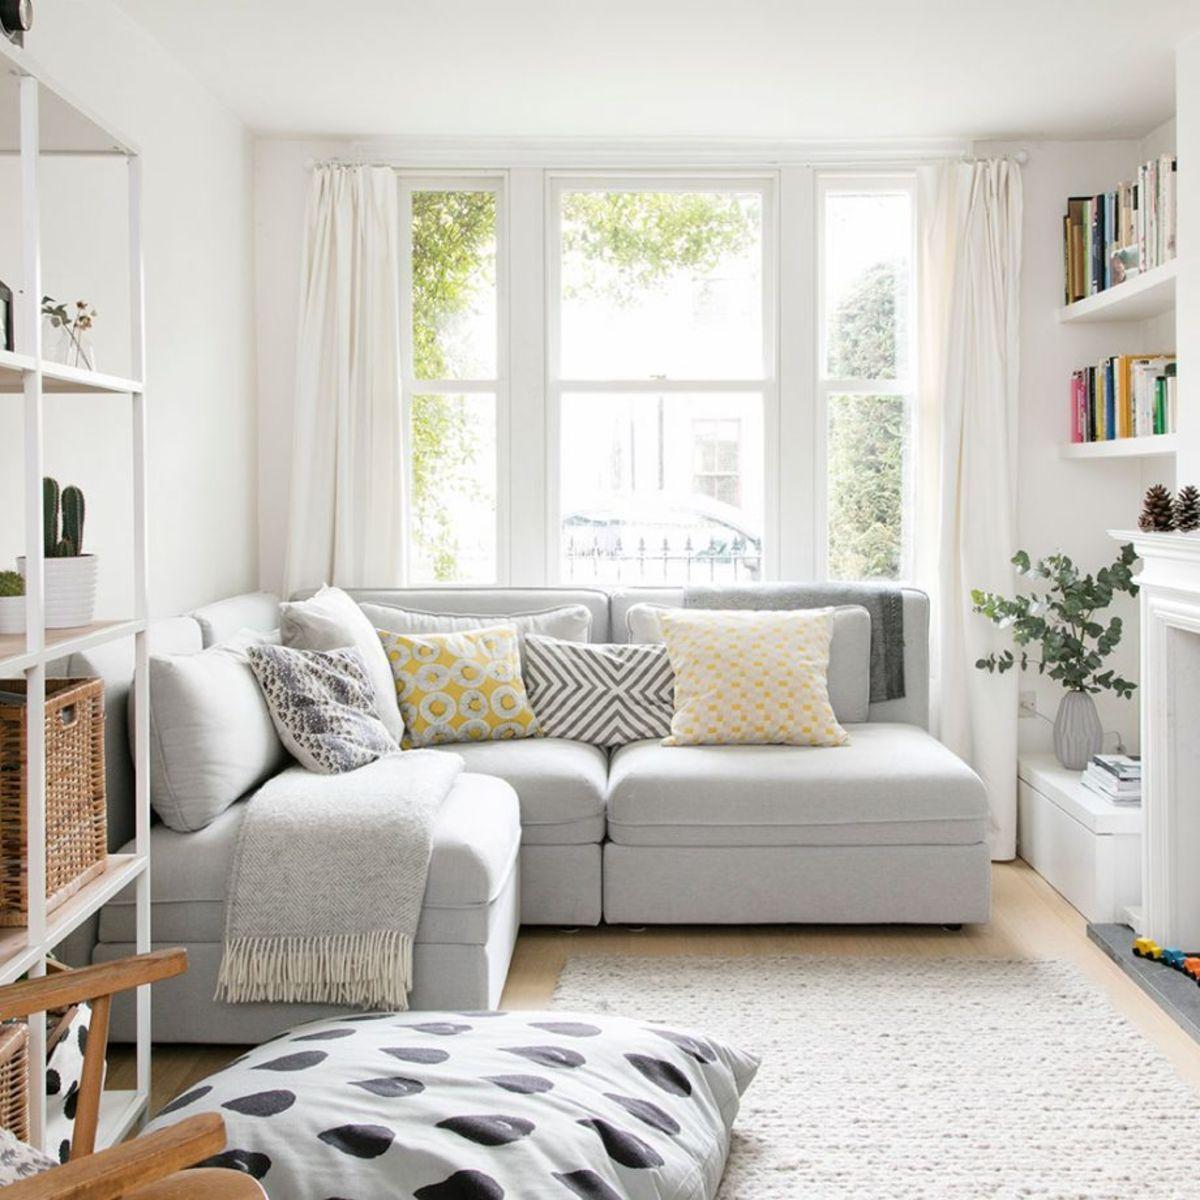 интерьер маленькой квартиры студии белый цвет для расширения пространства